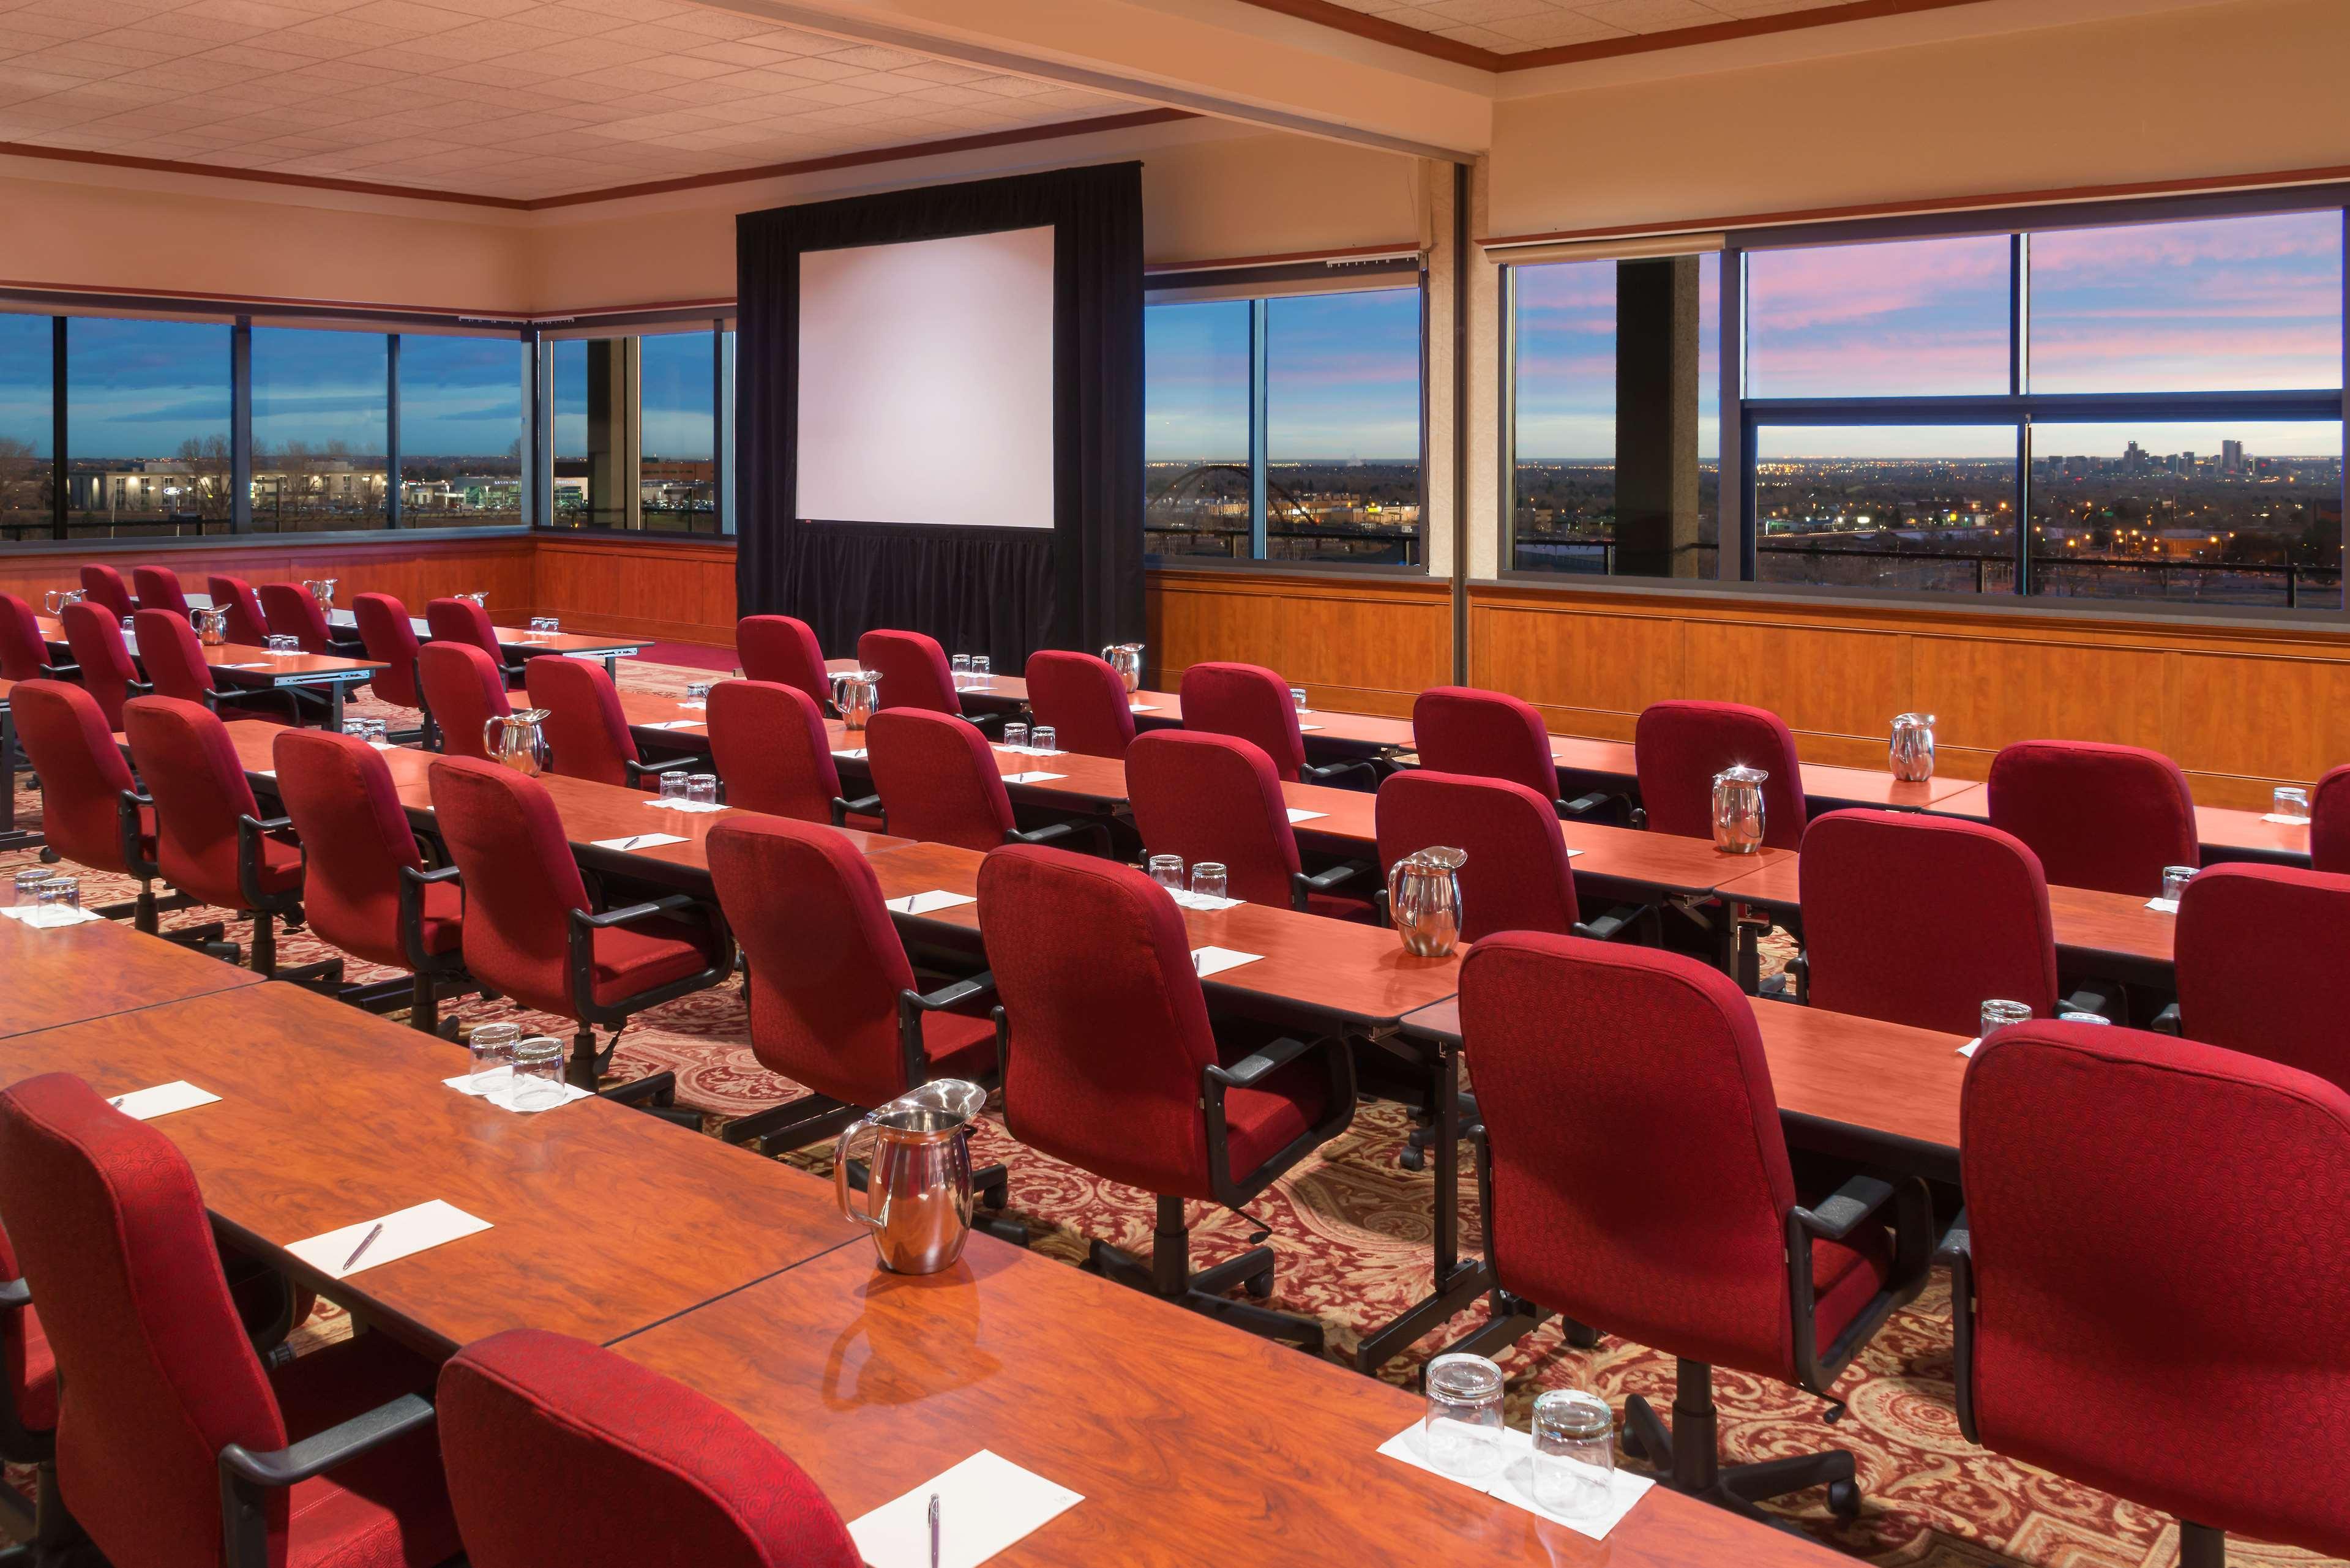 Sheraton Denver West Hotel image 11